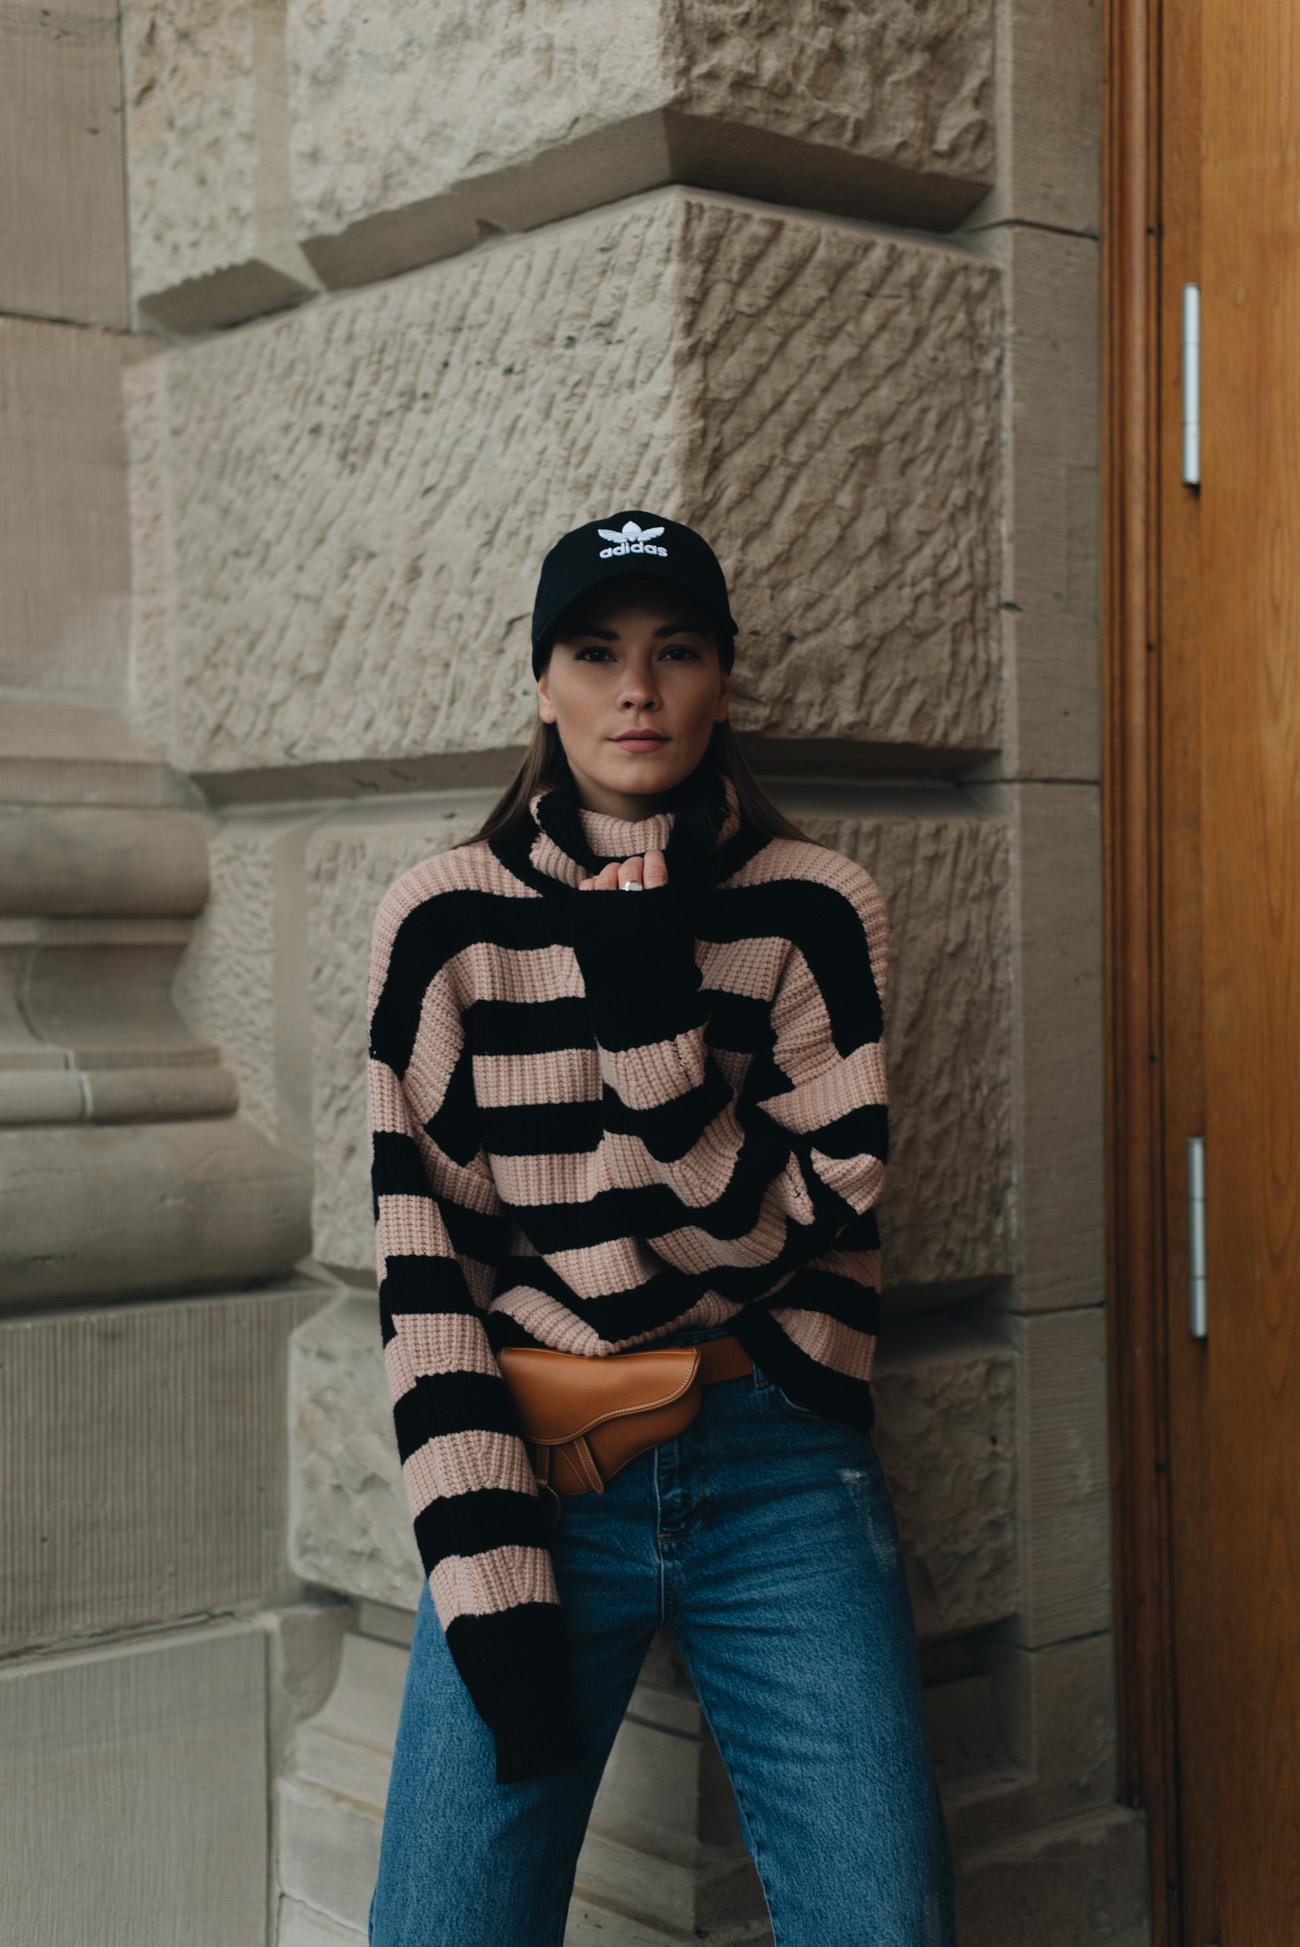 Adidas-Cap-Mütze-german-fashion-and-lifestyle-blogger-influencer-nina-schwichtenberg-fashiioncarpet